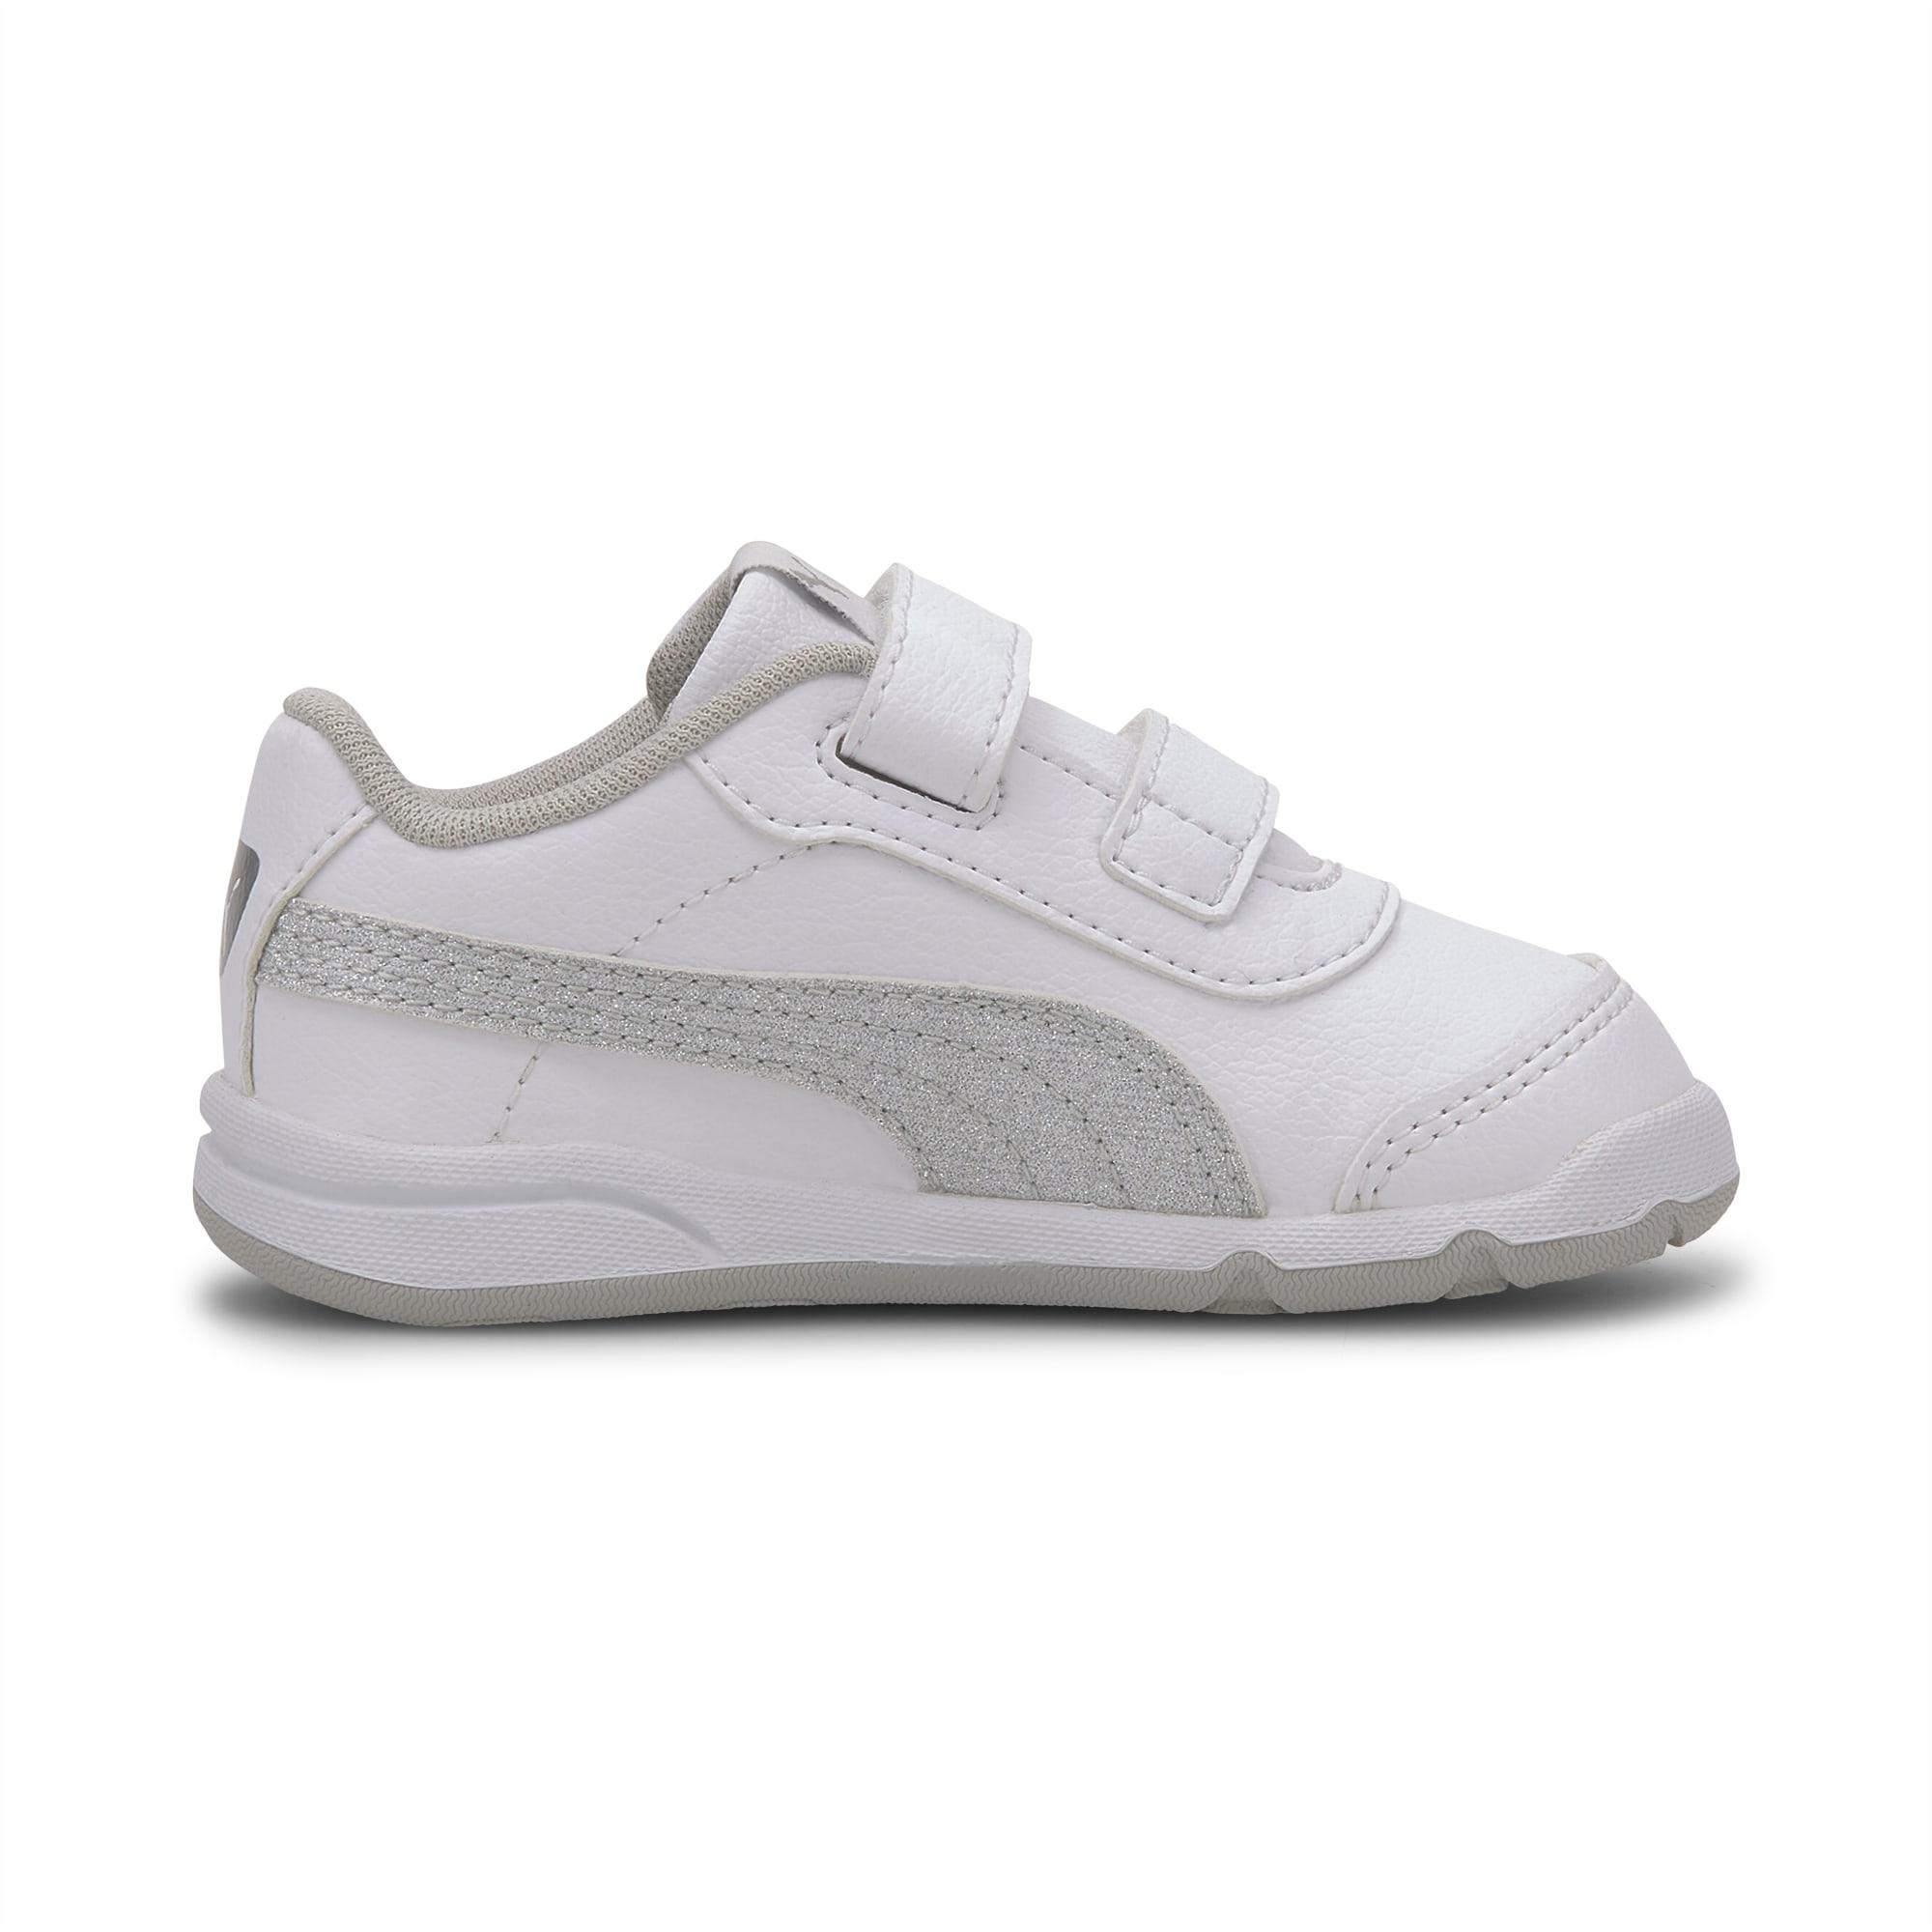 Buty sportowe Stepfleex 2 SL VE Glitz dla małych dziewczynek